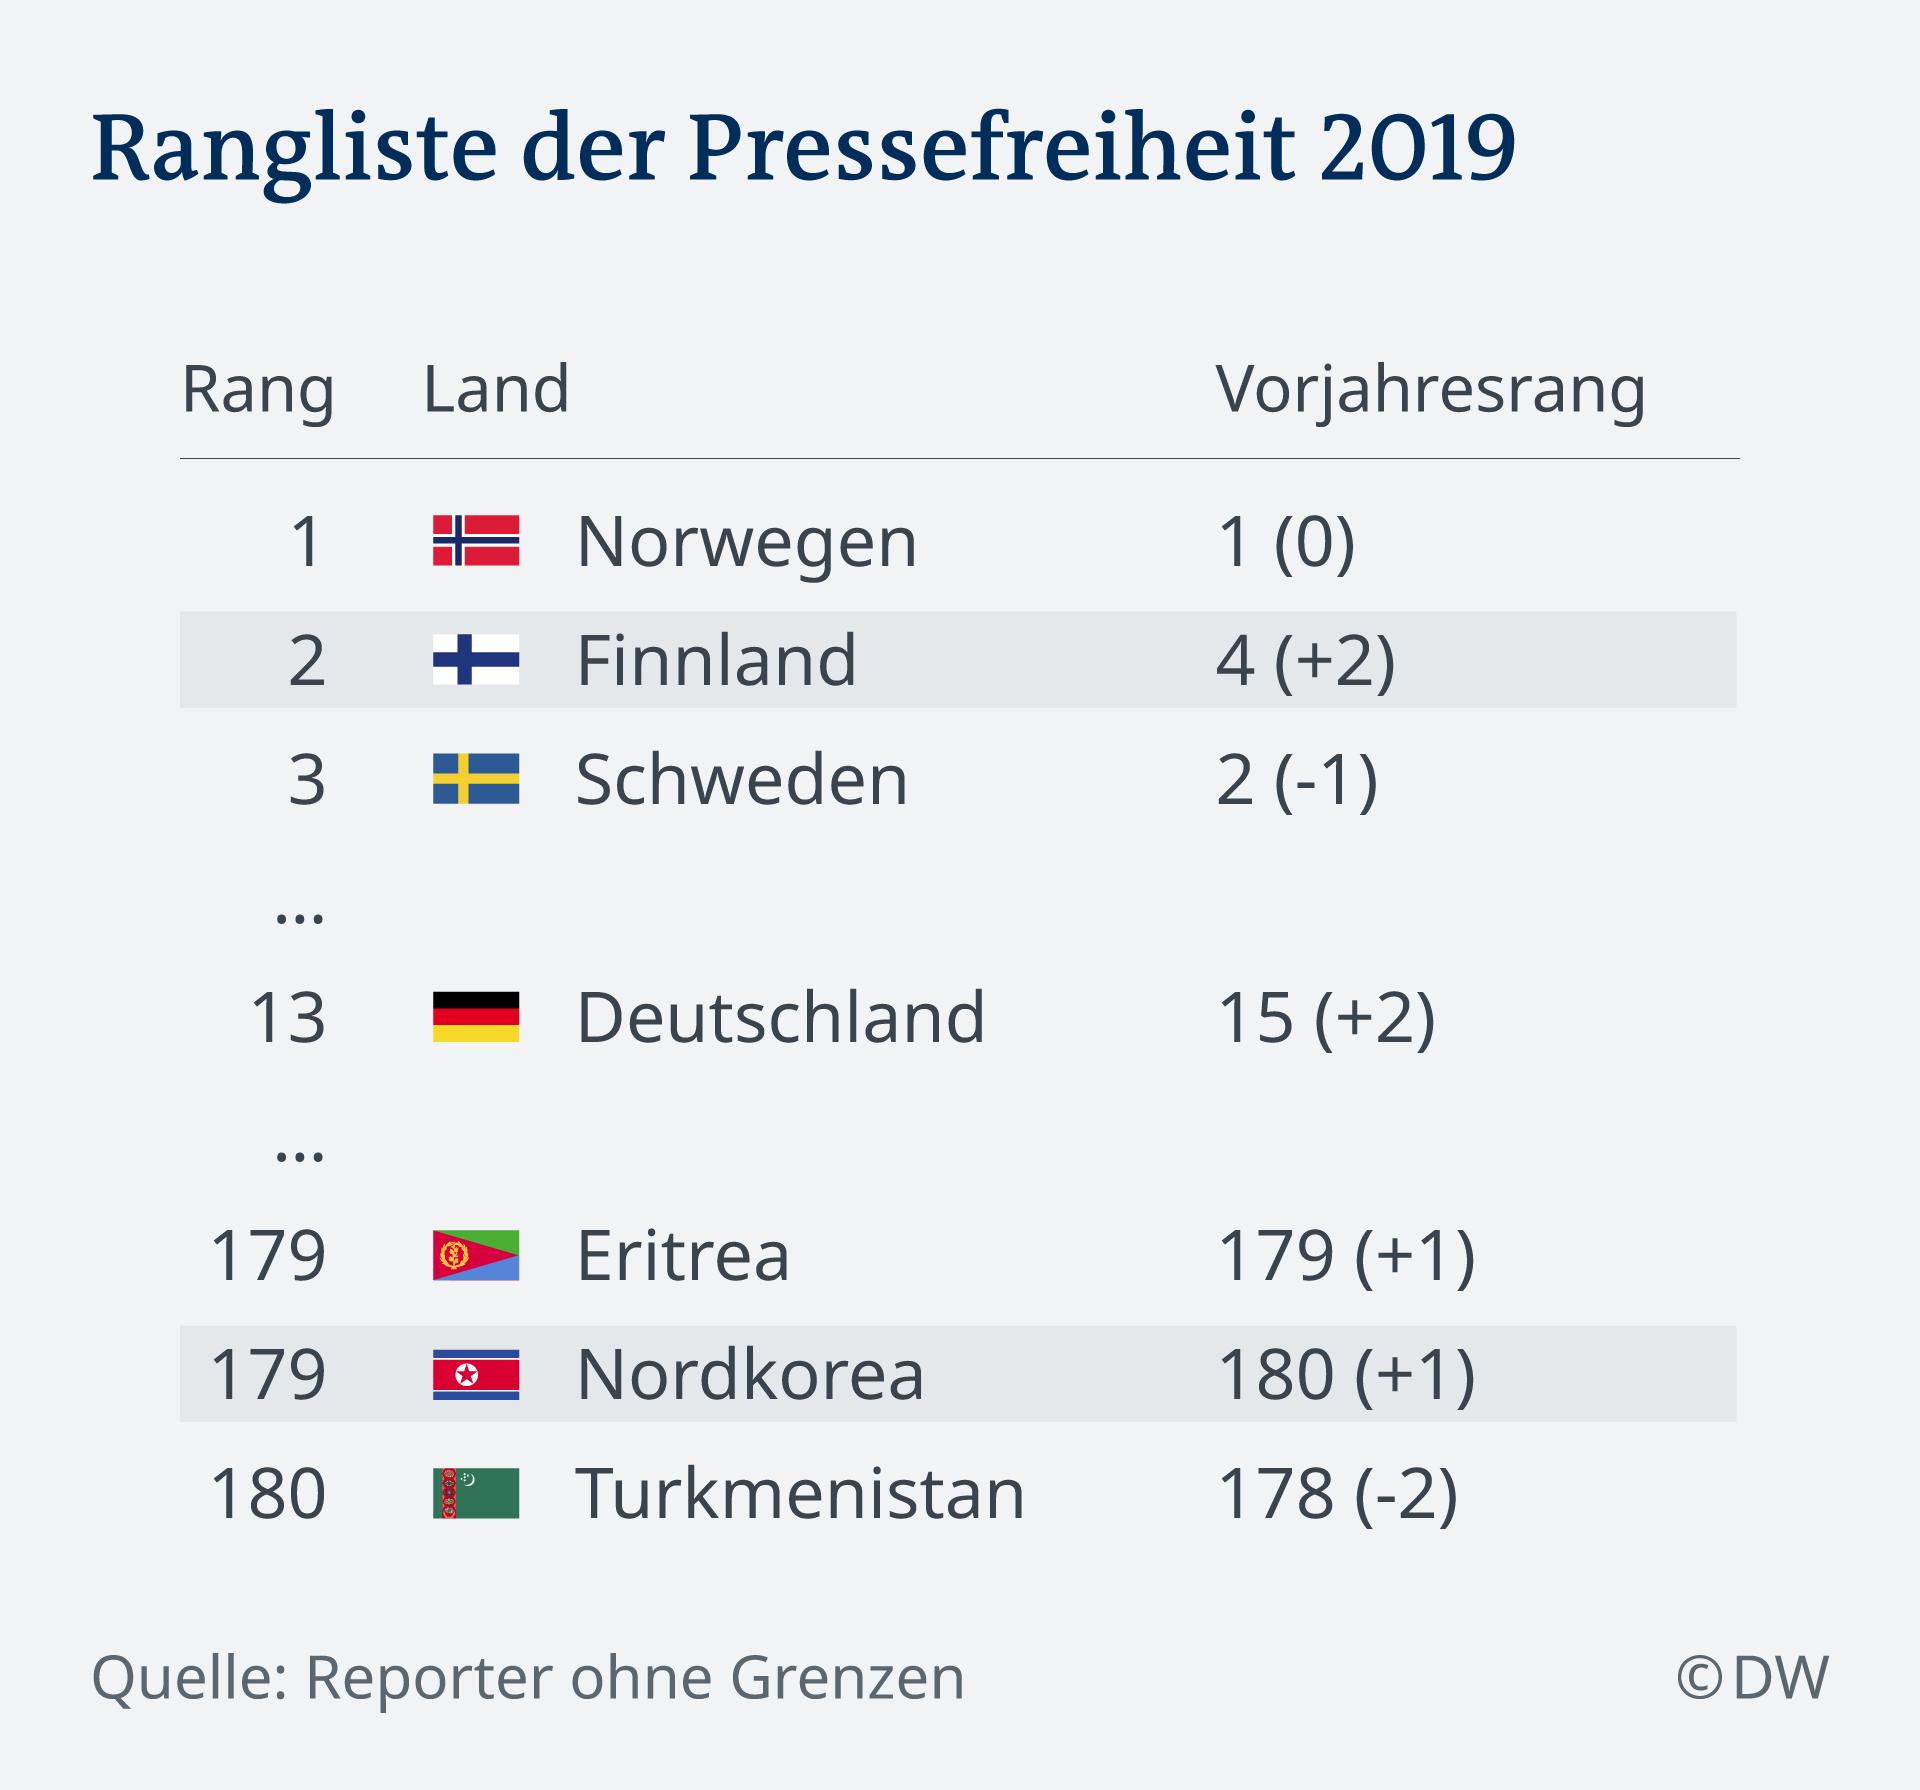 Pressefreiheit Neuer Negativ Spitzenreiter   Welt   DW   20.20.20